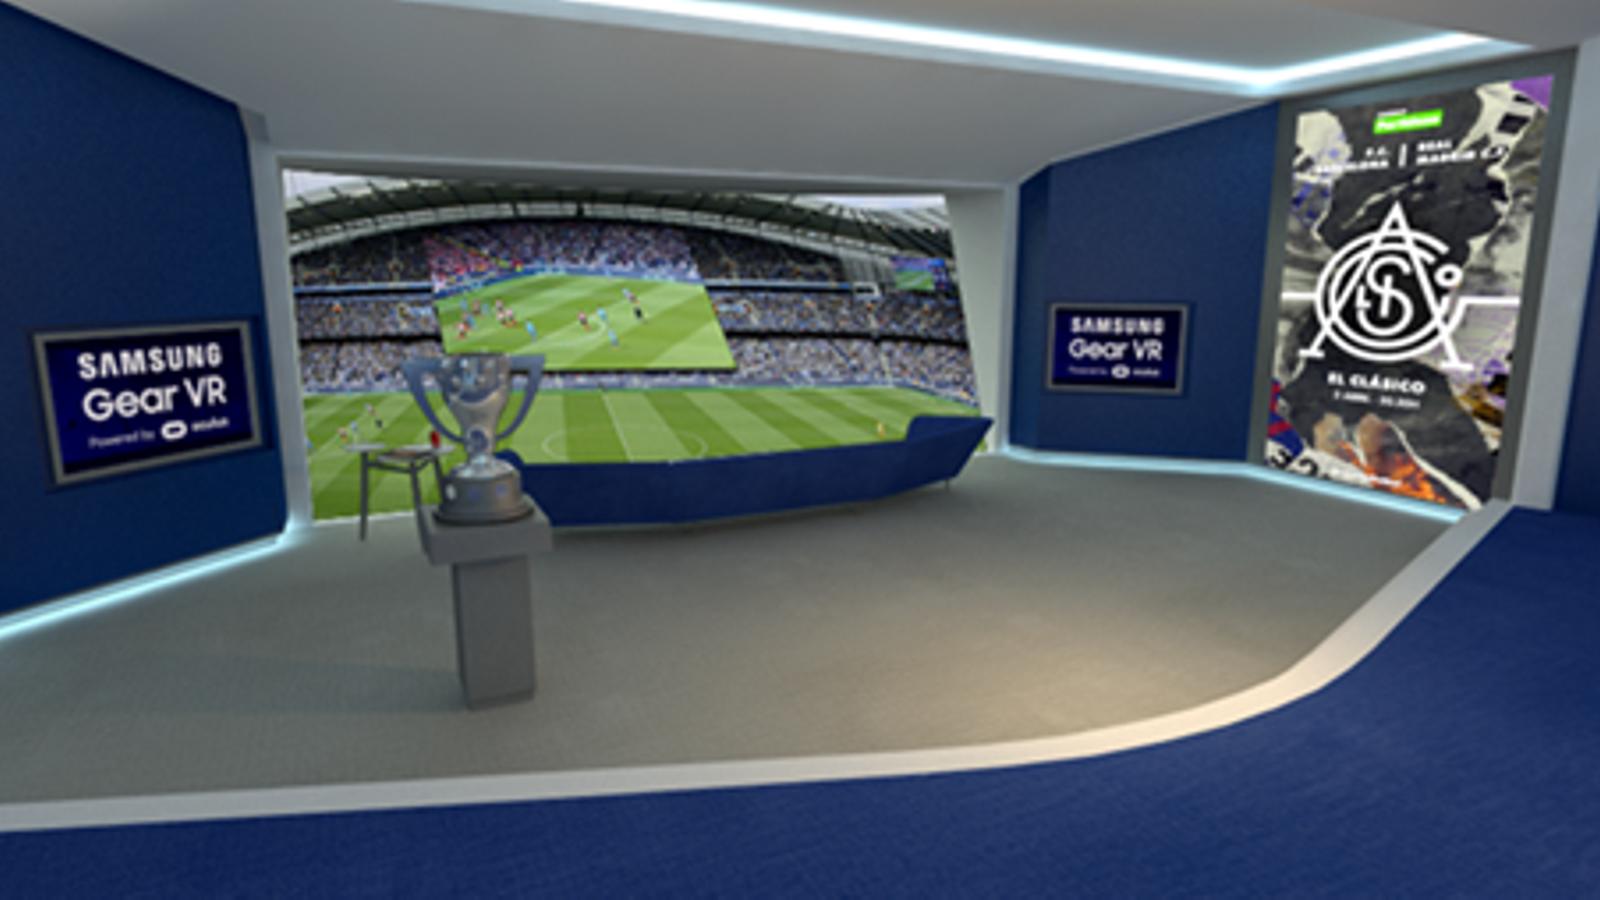 L'emissió es podrà seguir en espais habilitats per Samsung a les botigues Telefónica de Barcelona i Madrid. / TELEFÓNICA